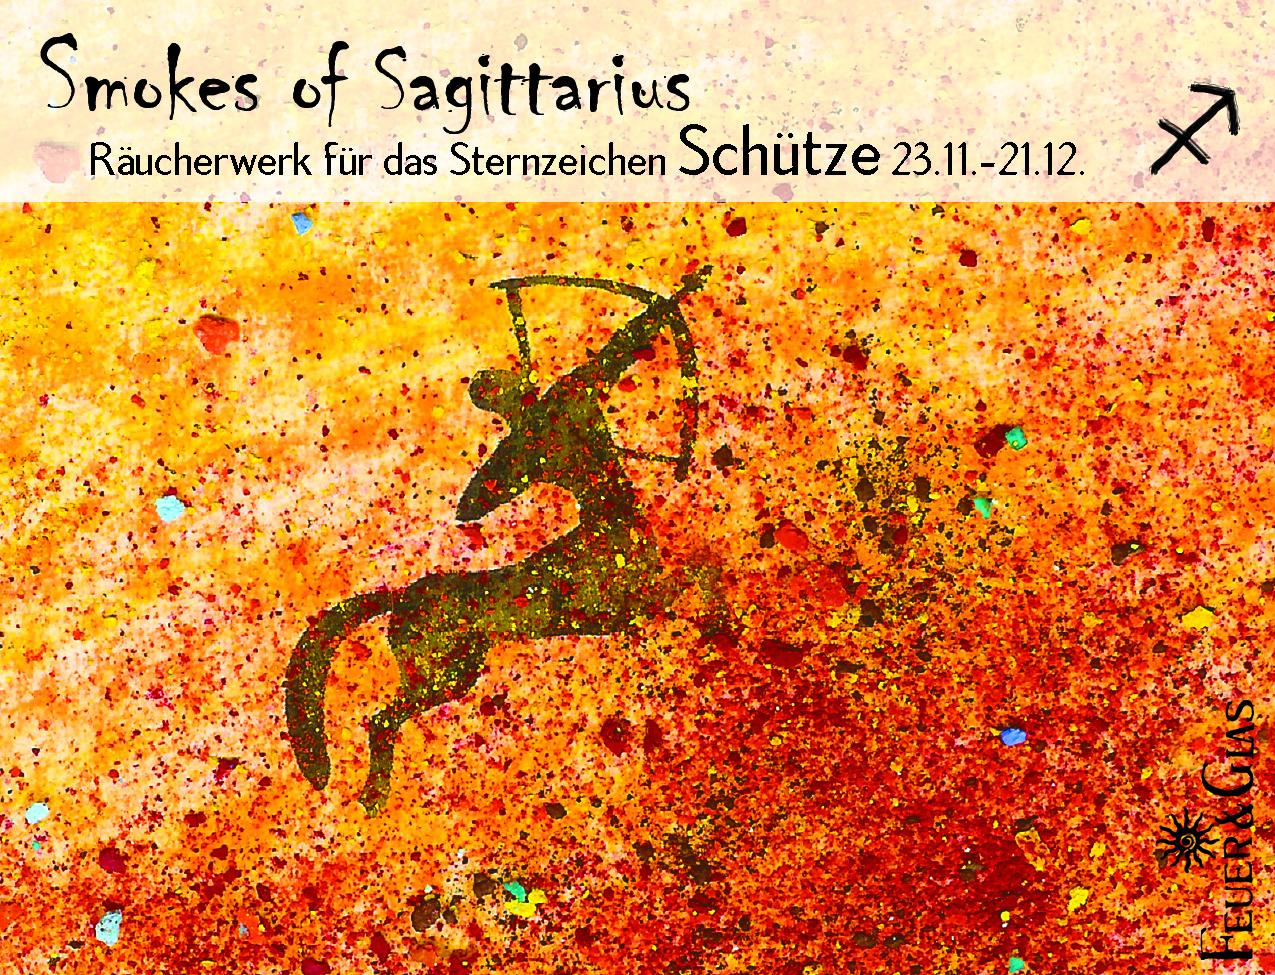 Smokes of Sagittarius - Schütze